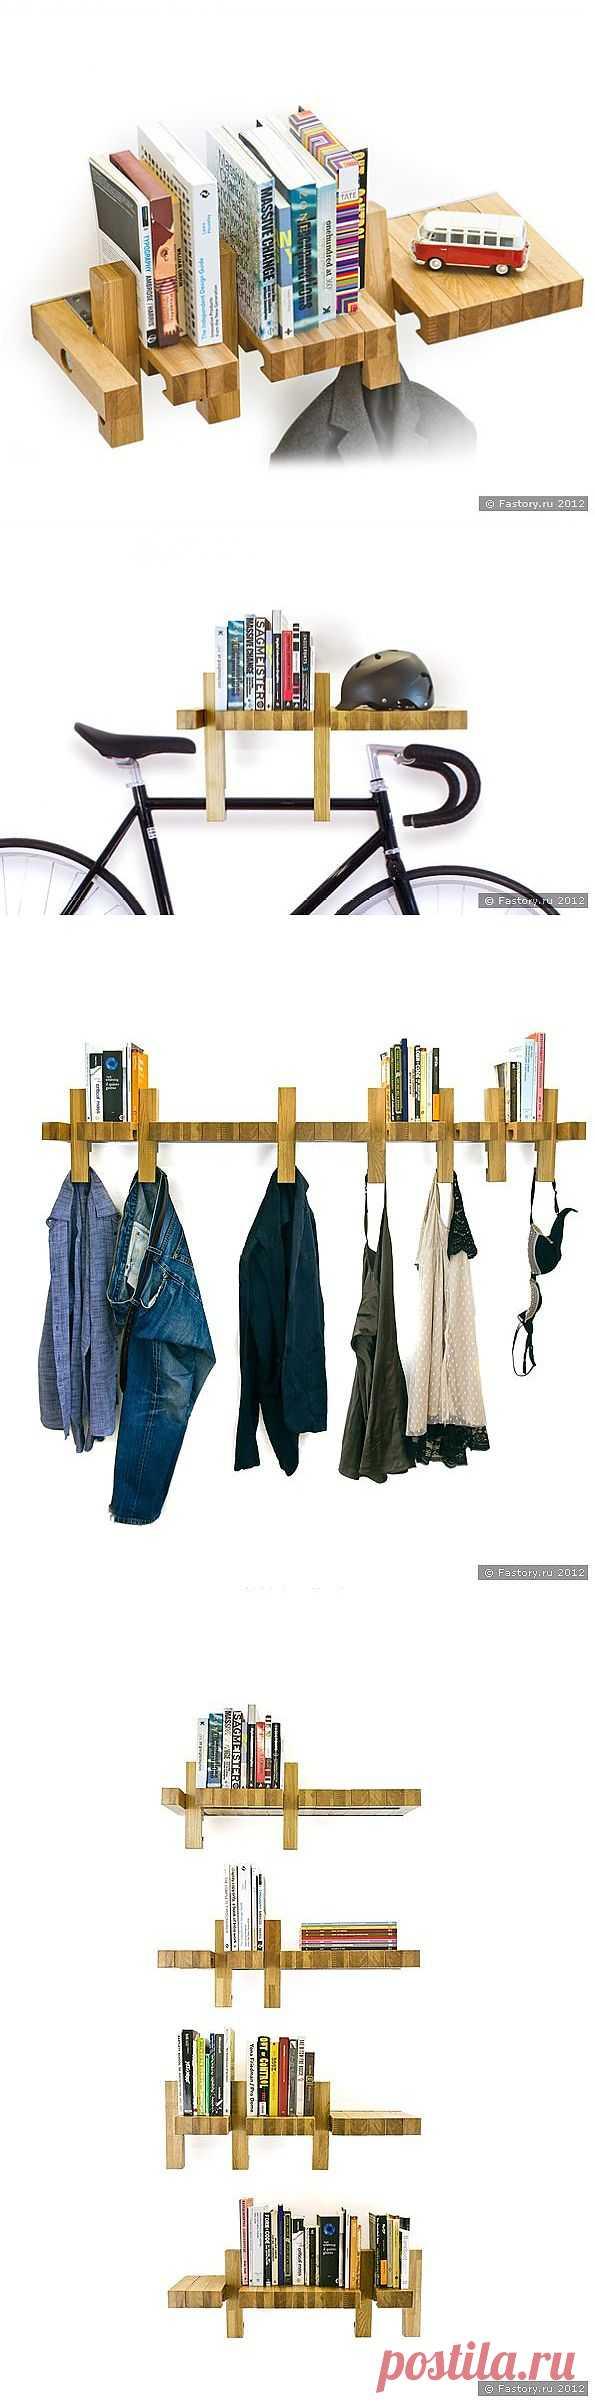 Многофункциональная книжная полка Fusillo - дизайнерская вещь для модного интерьера из натурального дерева